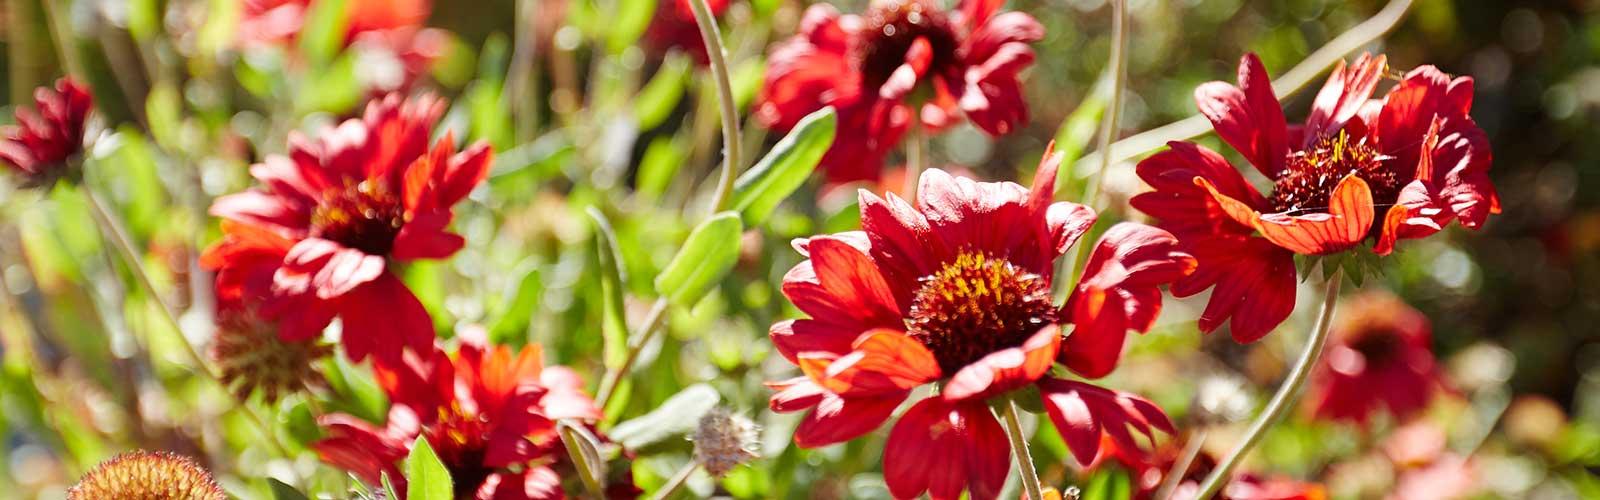 CAUE de la Vendée - un jardin plein de vie - publication